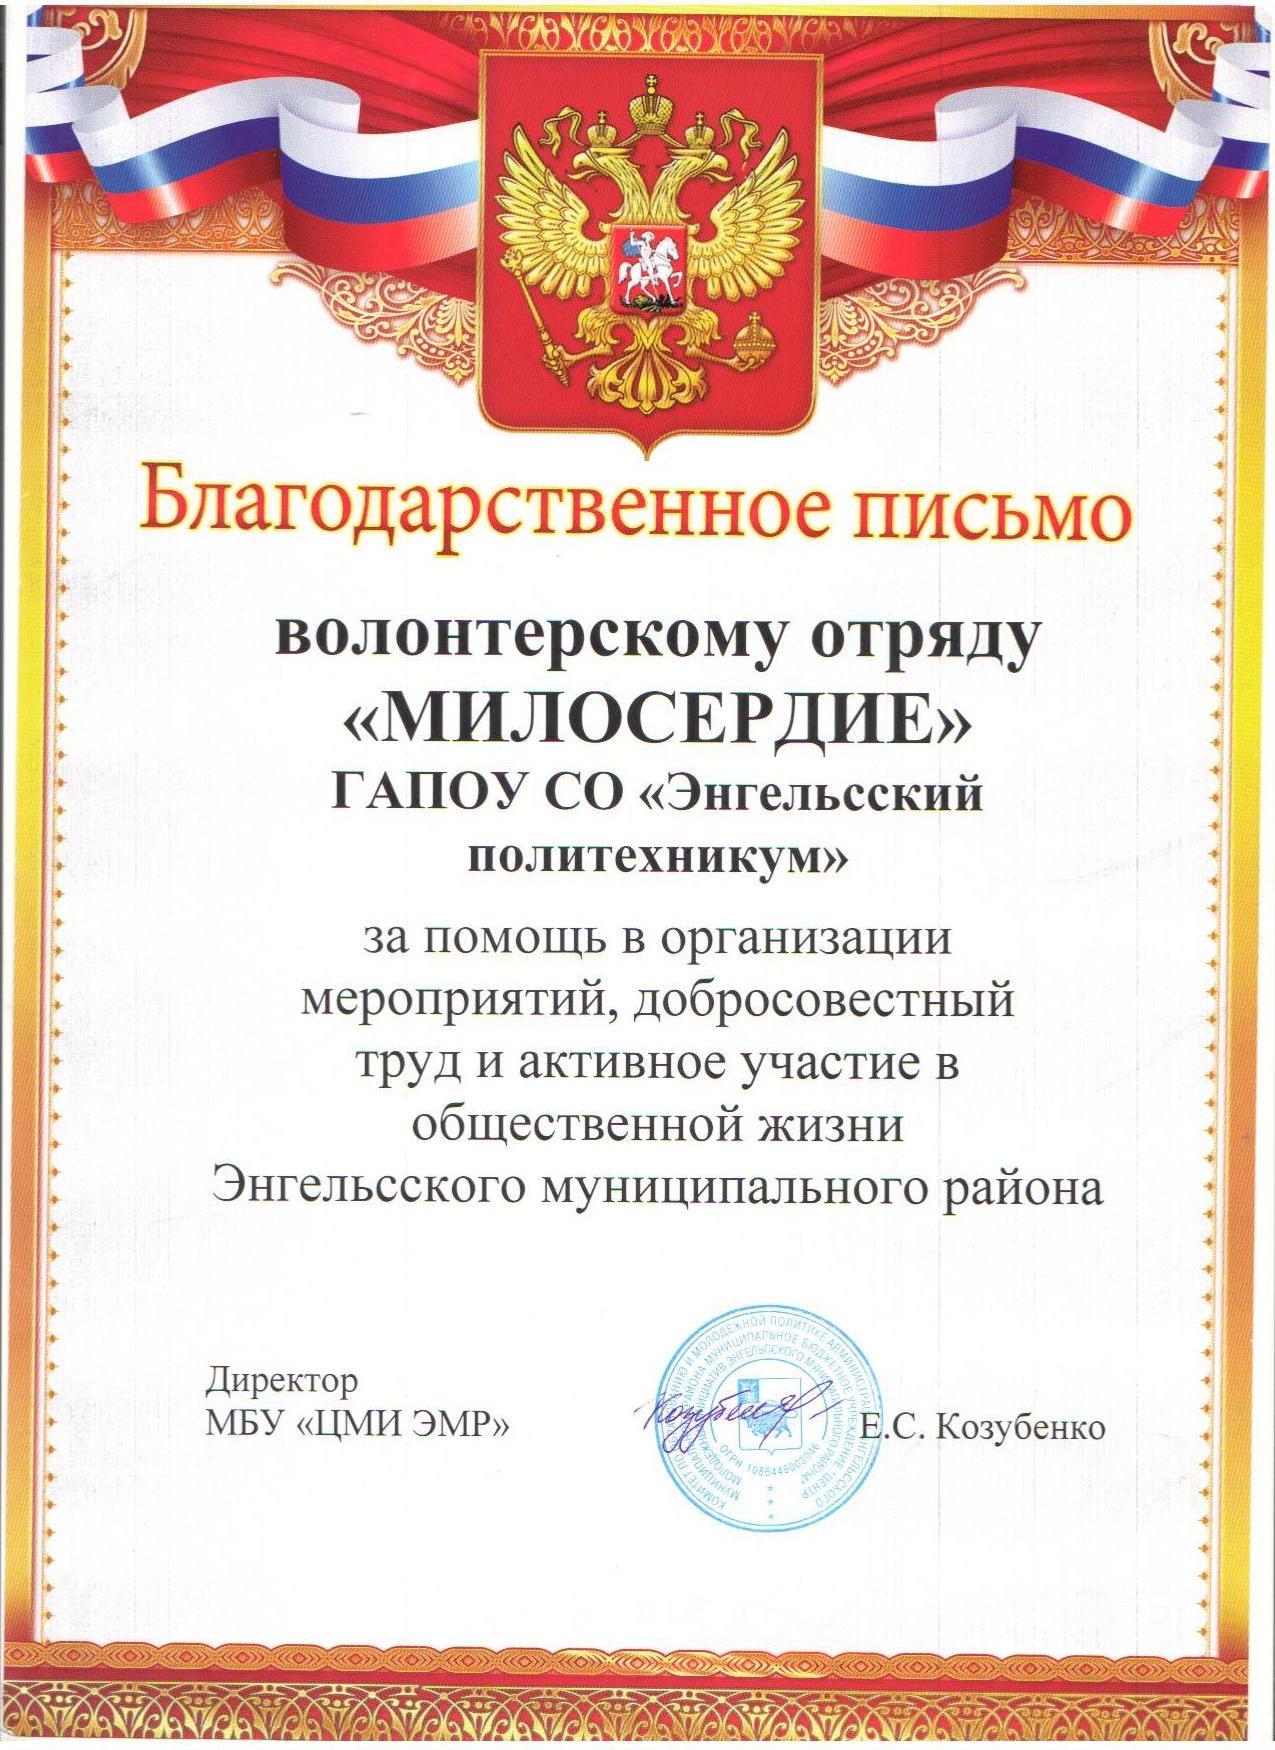 http://politehnikum-eng.ru/2018/01_30/84.jpg